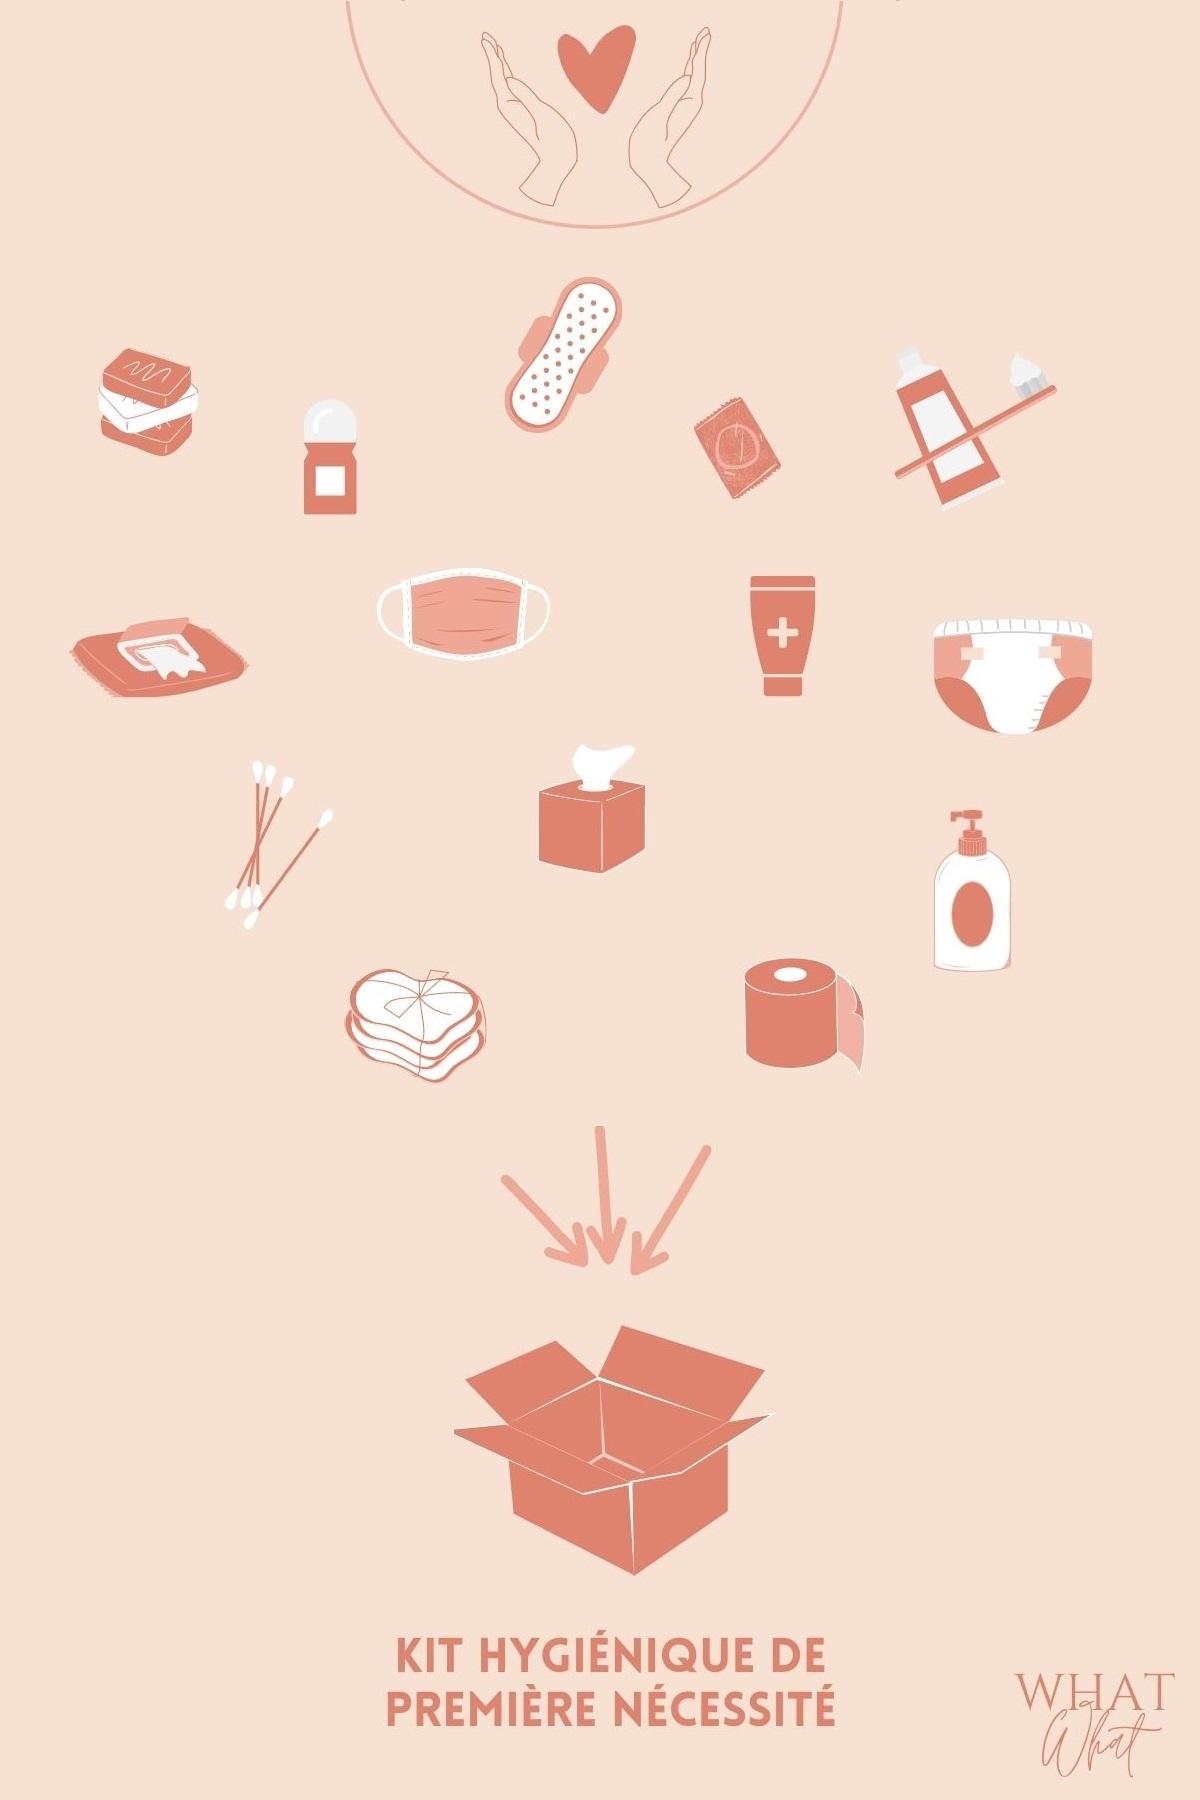 kit-hygienique-de-premiere-necessite-infographie-what-what